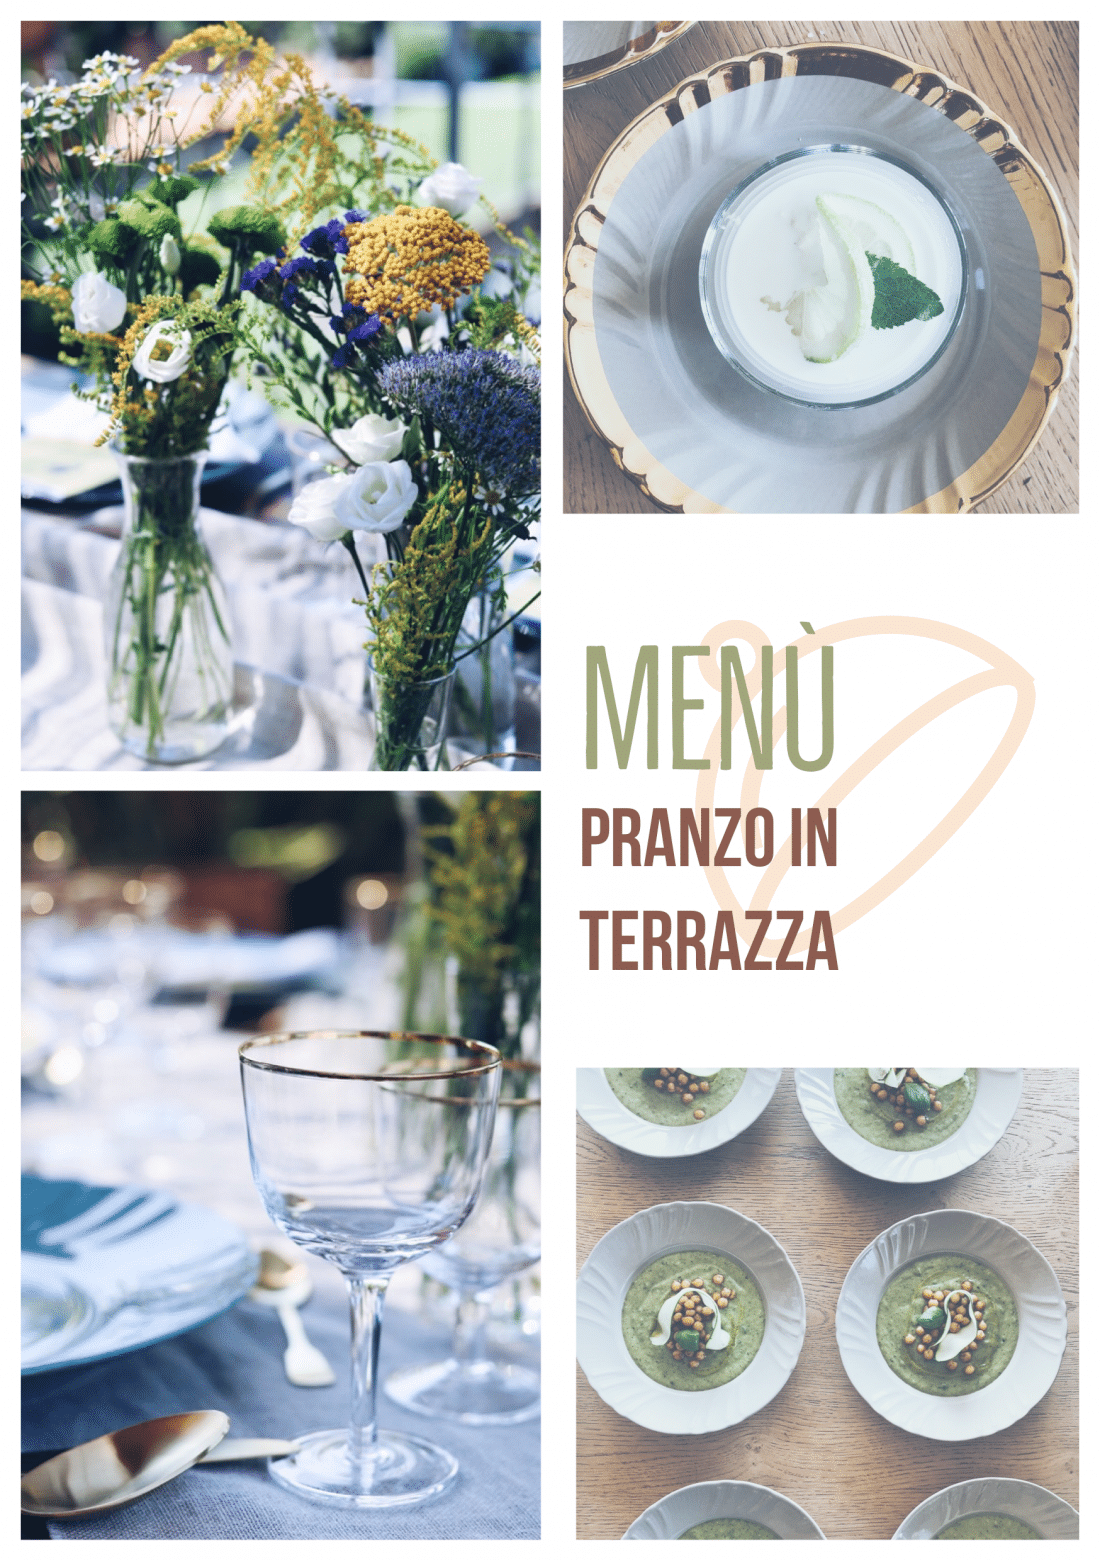 menu' pranzo in terrazza